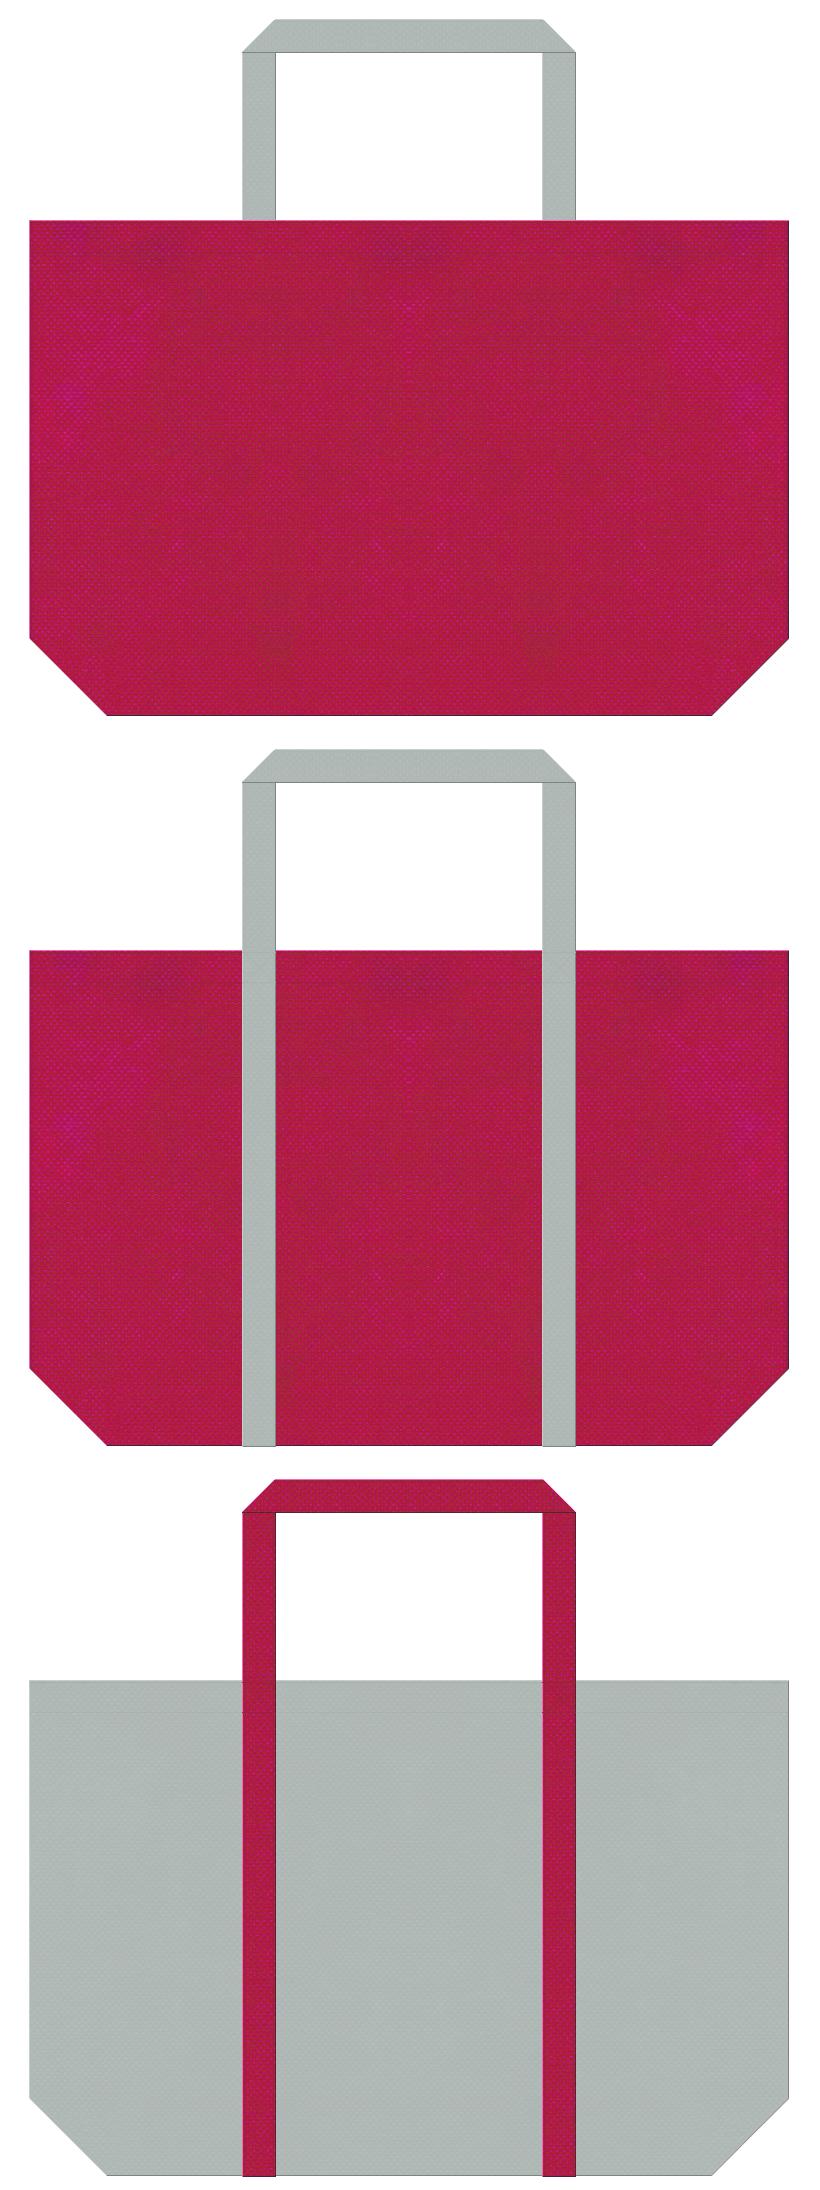 濃いピンク色とグレー色の不織布ショッピングバッグデザイン:スポーツバッグにお奨めです。